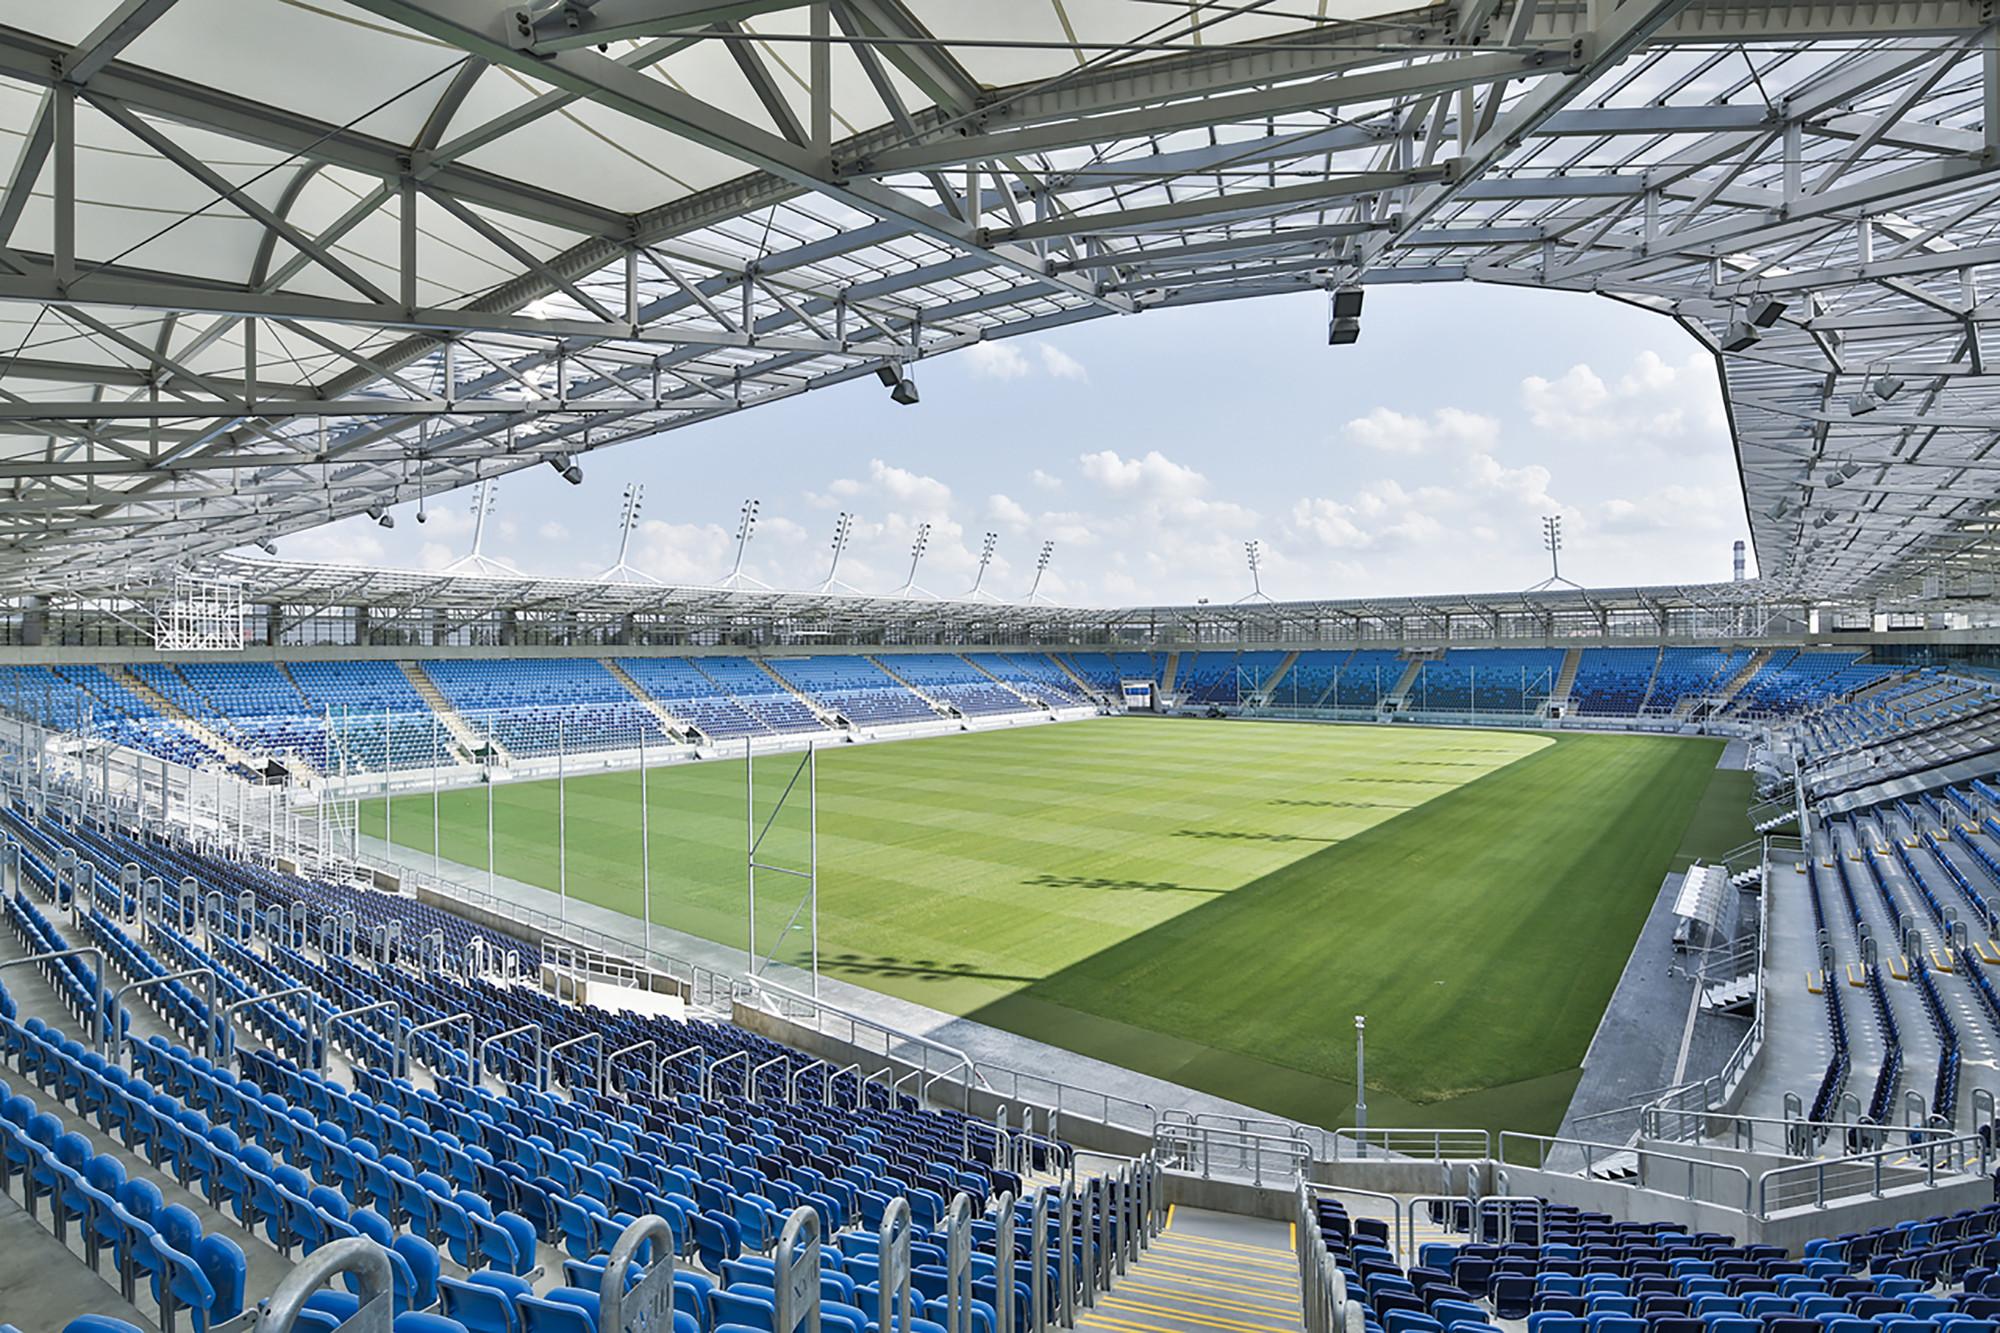 Estadio de la ciudad de lublin estudio lamela for Estadio arena